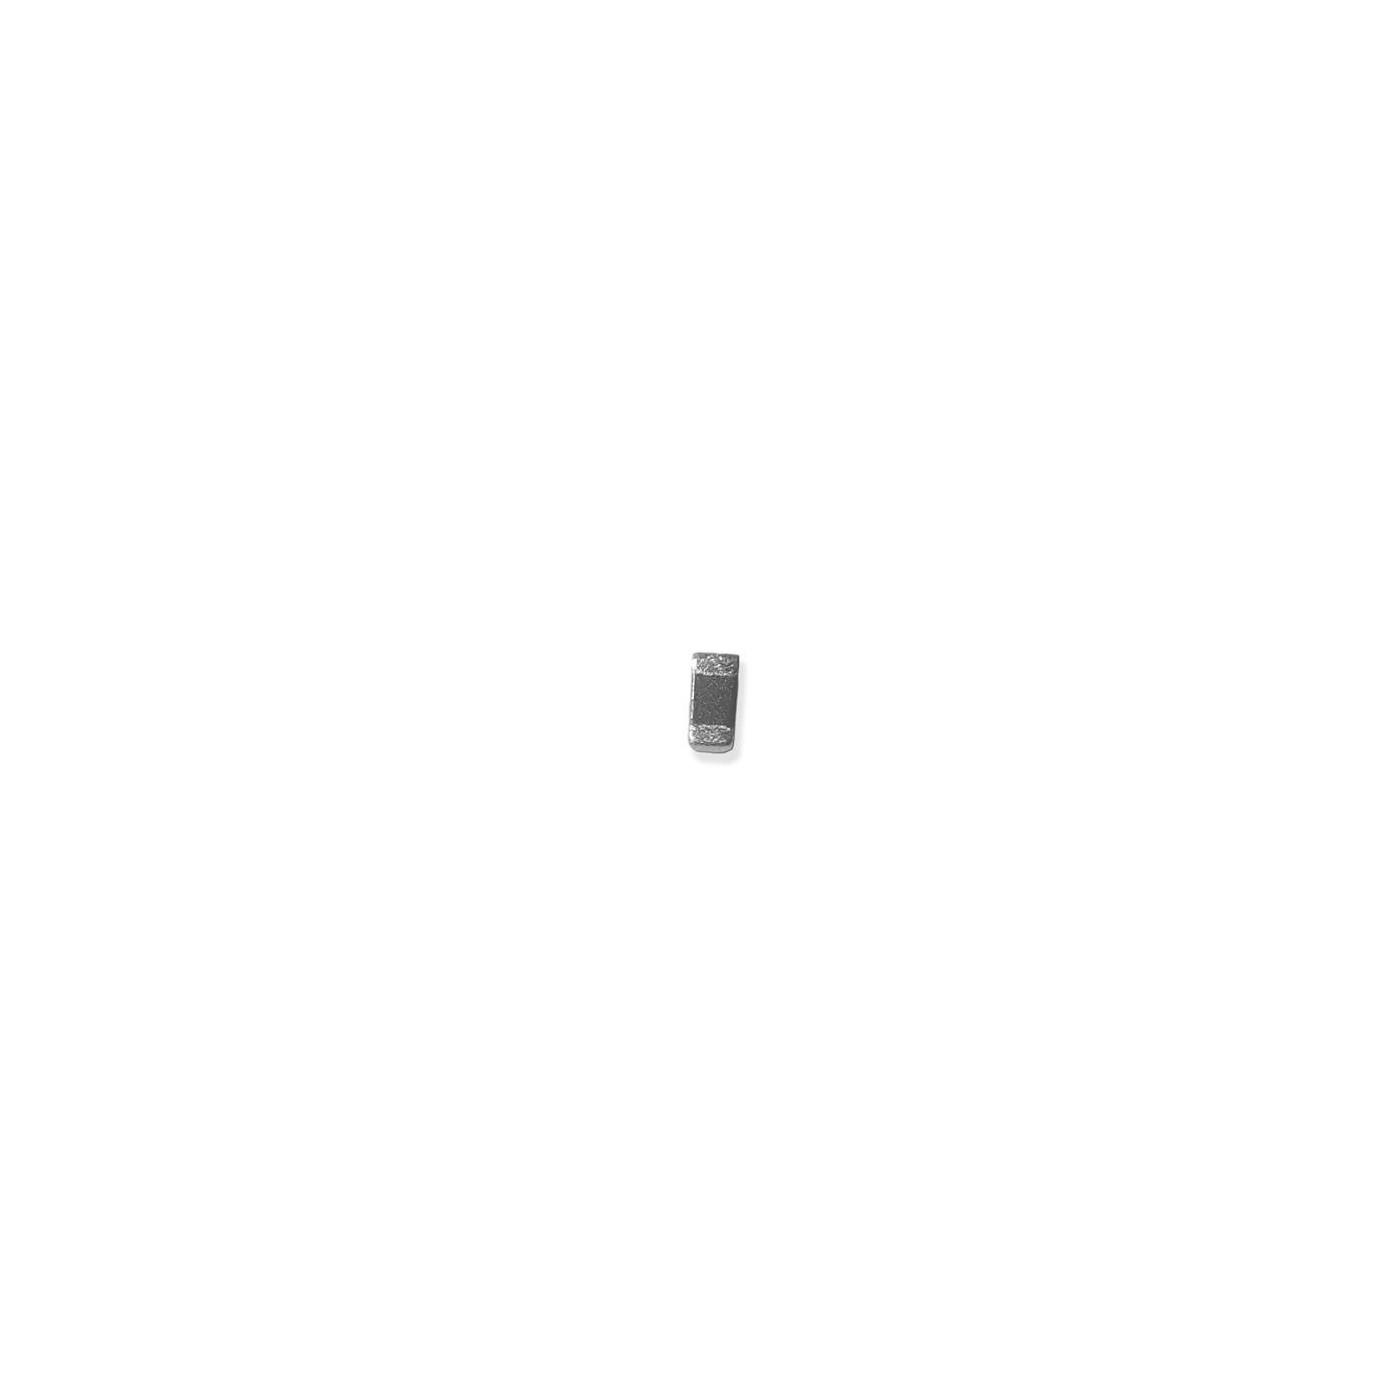 Filtre smd de contre-jour FL4211 pour iPhone 6s